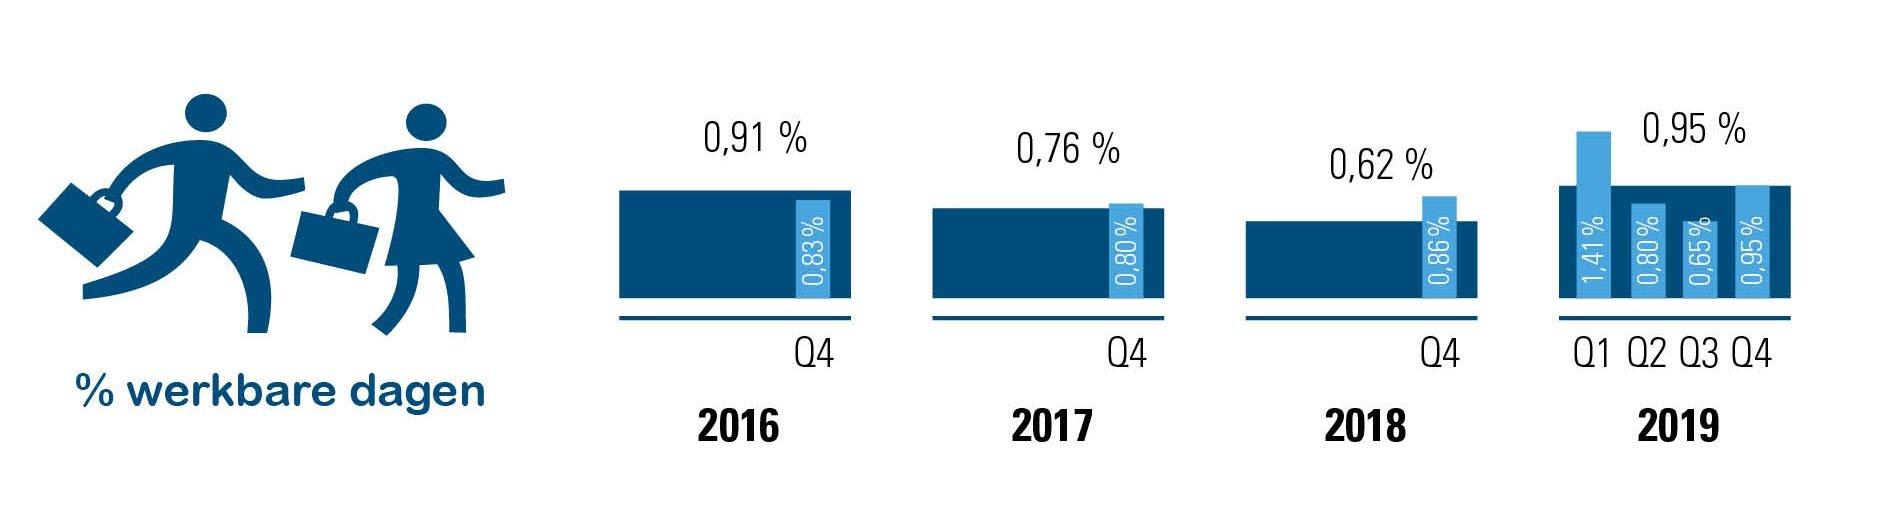 Tijdelijke economische werkloosheid arbeiders, 2019 vs. 2016-2017-2018